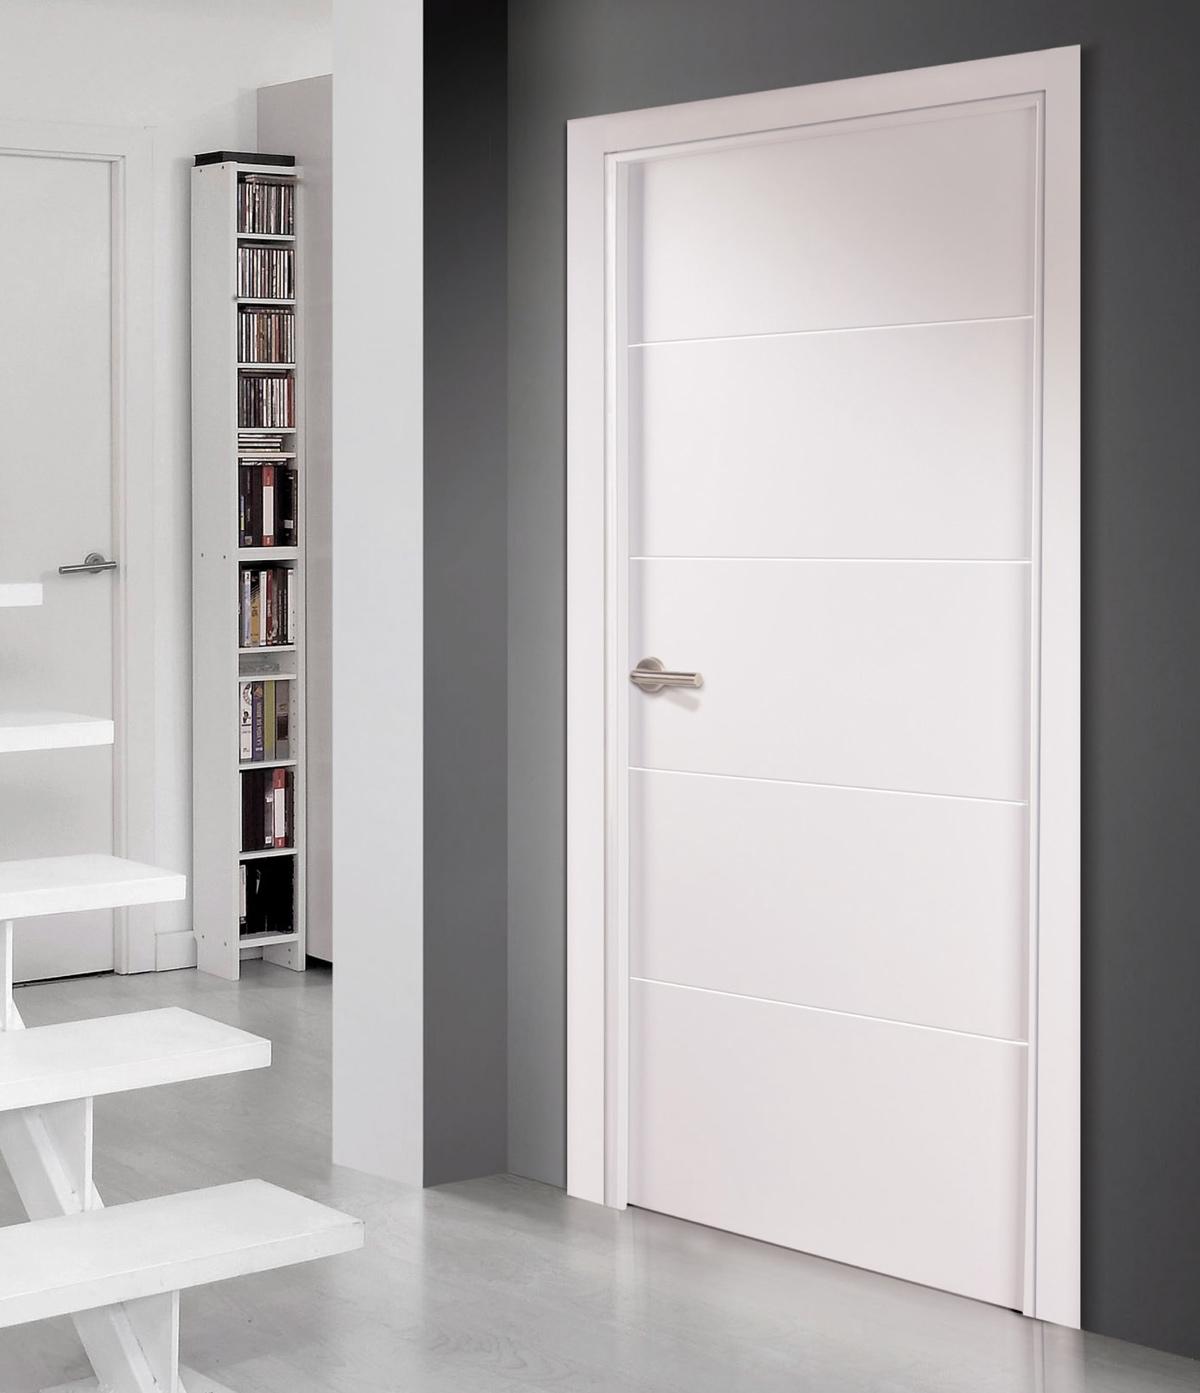 Combinar puertas blancas for Puertas macizas blancas